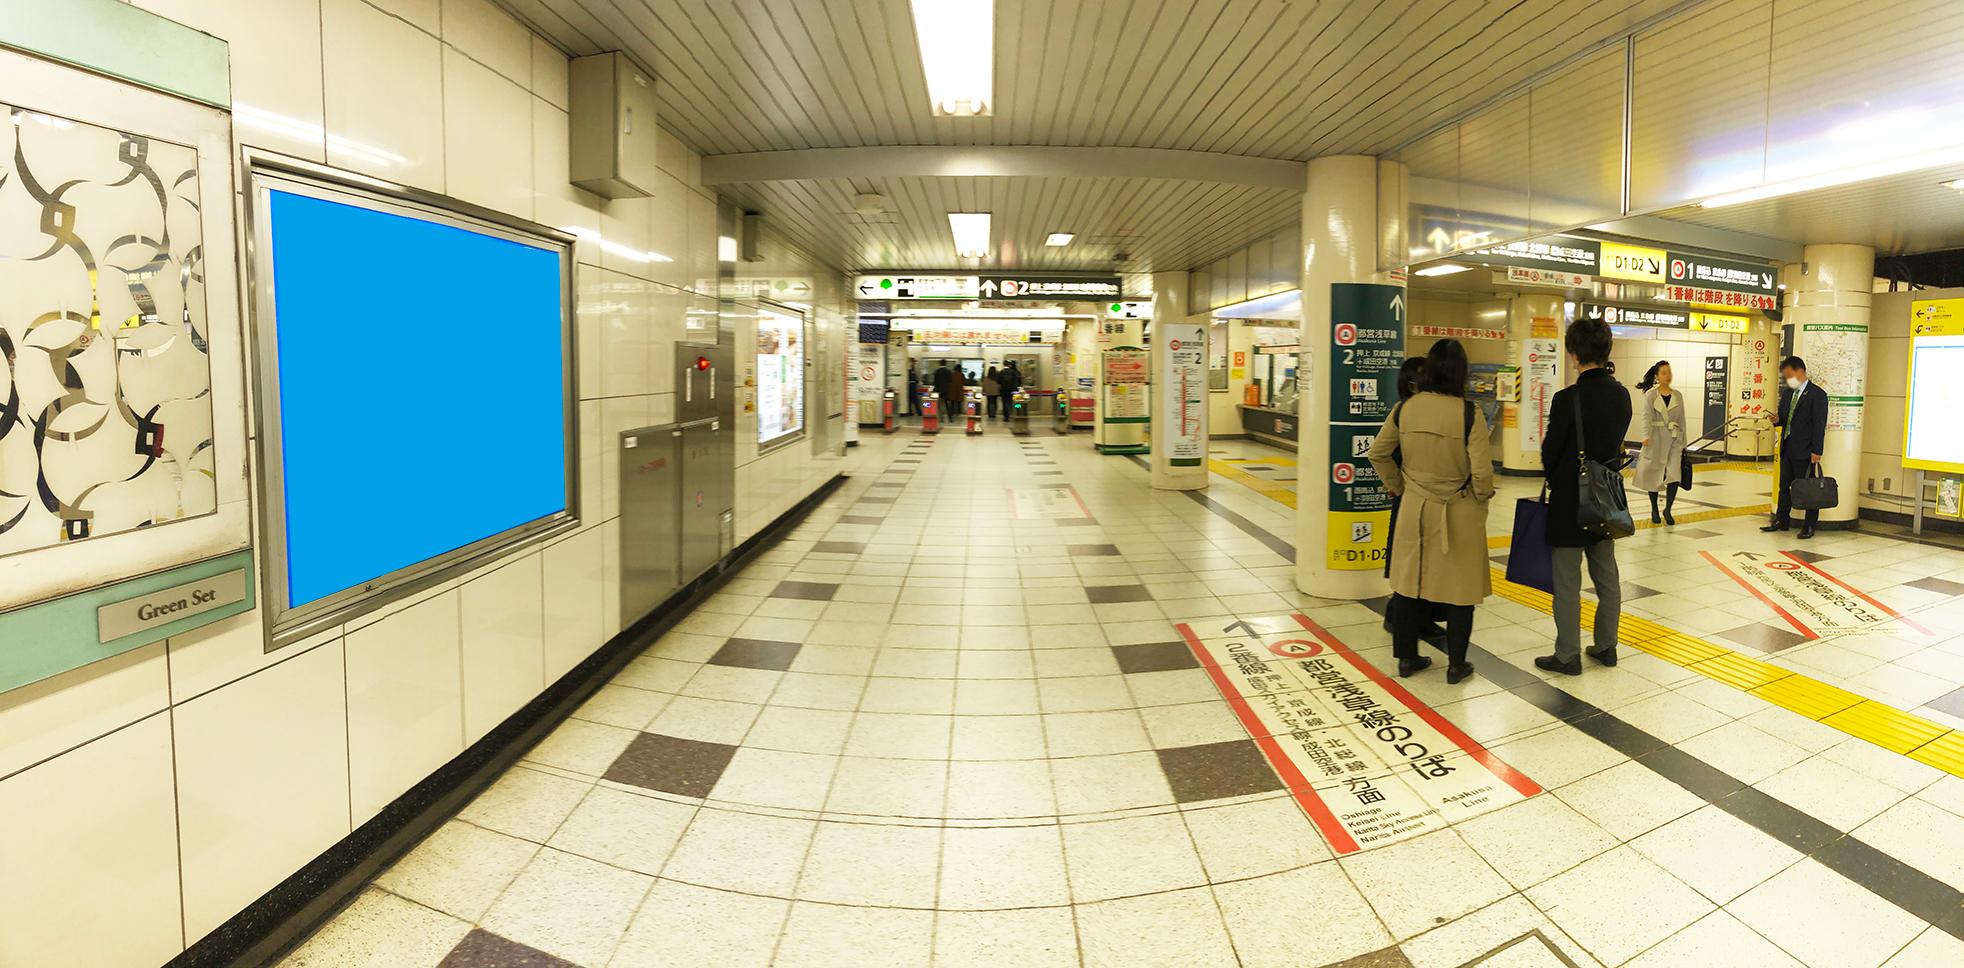 浅草線日本橋駅 5月オープン媒体のご案内